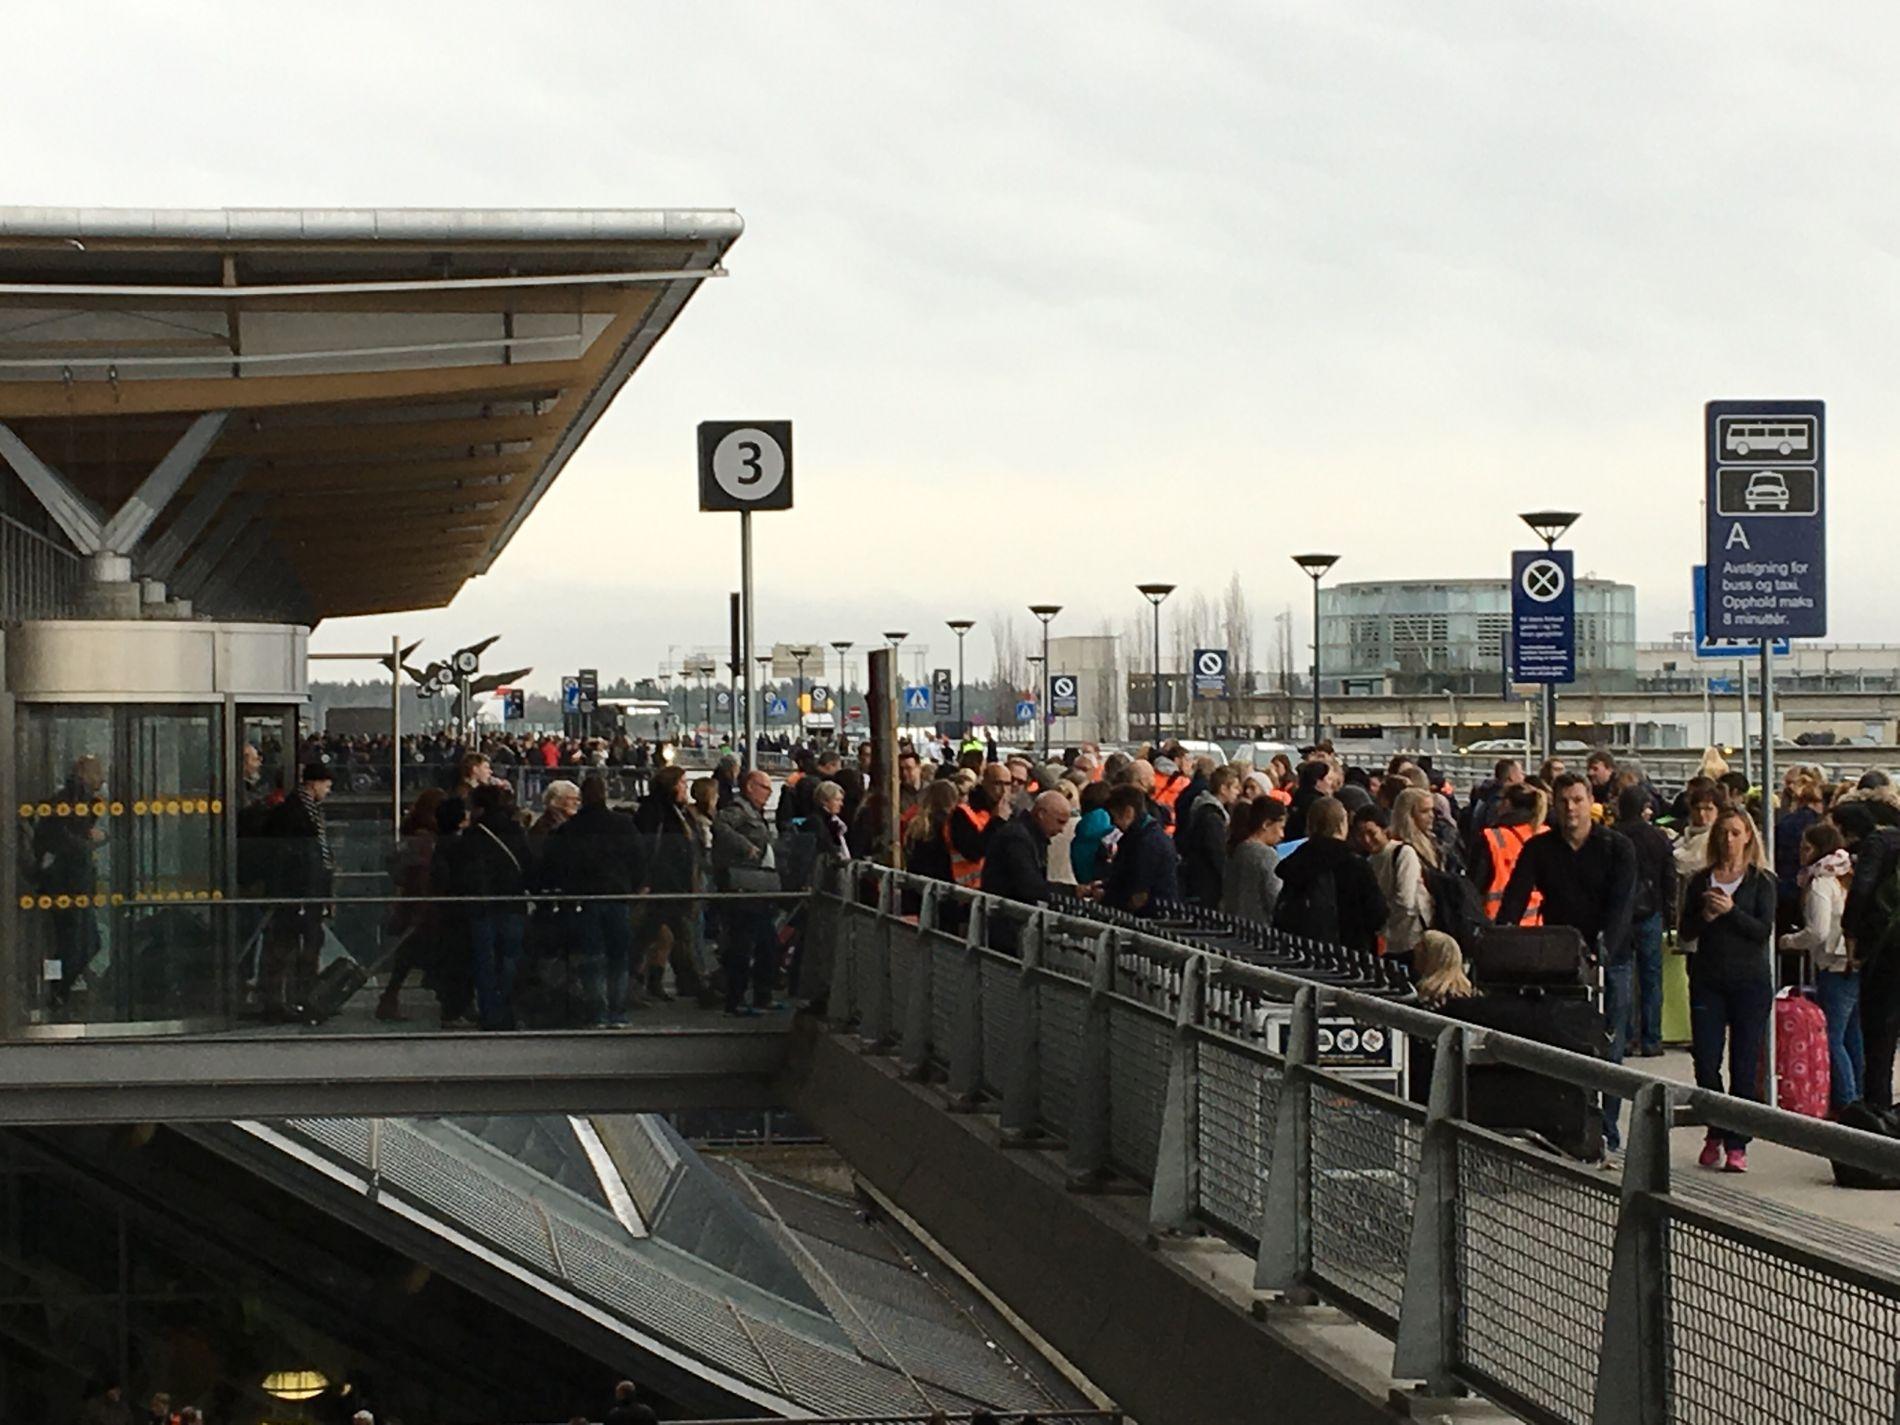 EVAKUERT: Slik så det ut på Gardermoen like før klokken 11.00, da store deler av flyplassen ble evakuert.